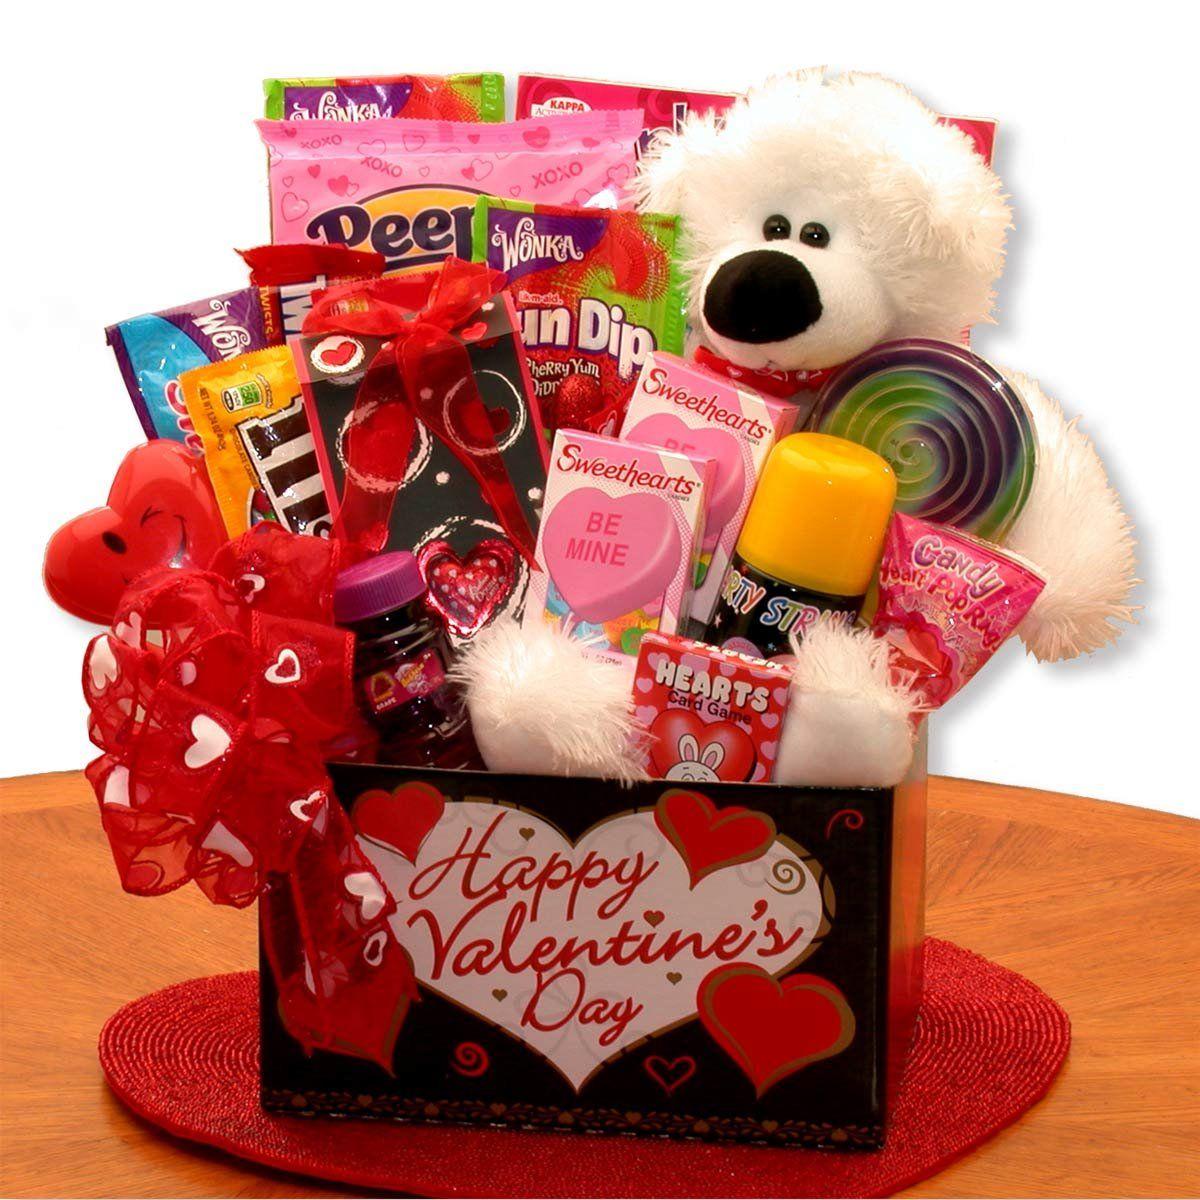 Valentine Gifts Online Best Valentine S Day Gift Ideas For Him Her India In 2020 Valentine S Day Gift Baskets Valentines Gift Box Kids Gift Baskets